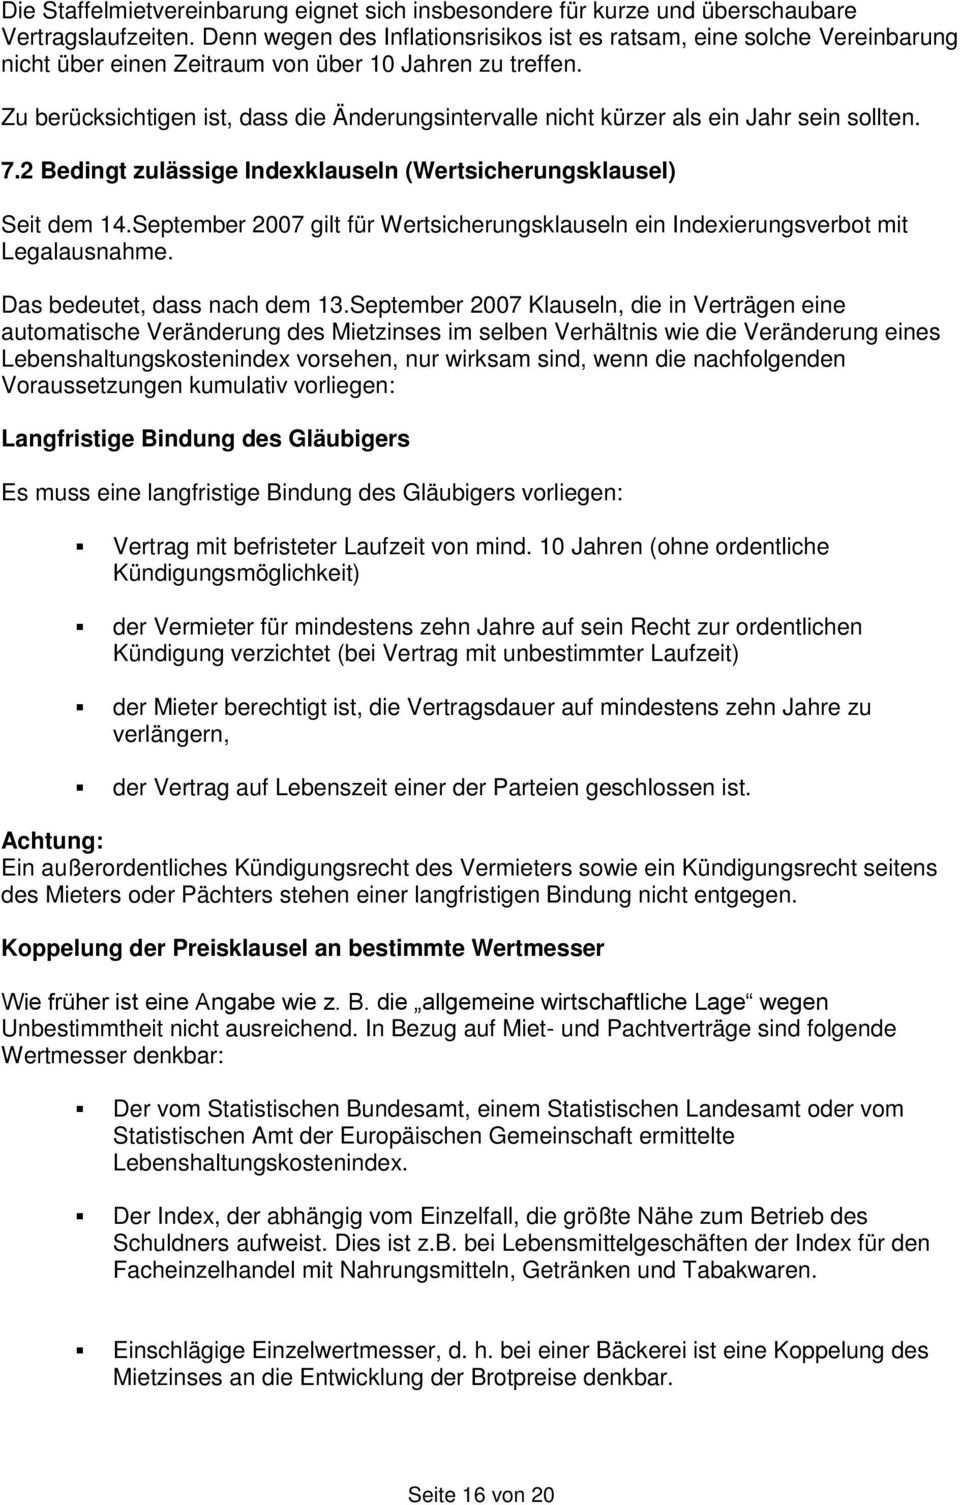 Muster Eines Geschaftsraum Mietvertrages Und Merkblatt Pdf Free Download